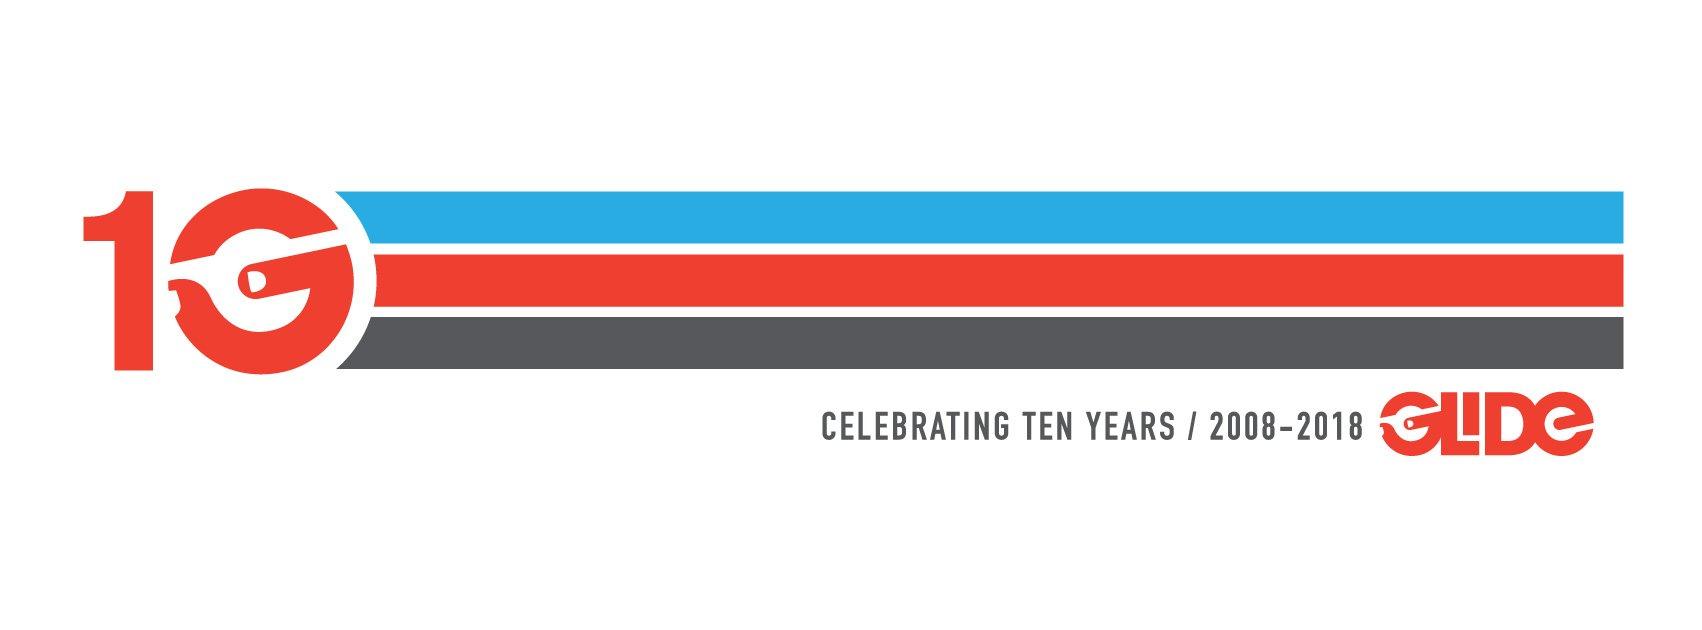 Glide 10 year anniversary banner